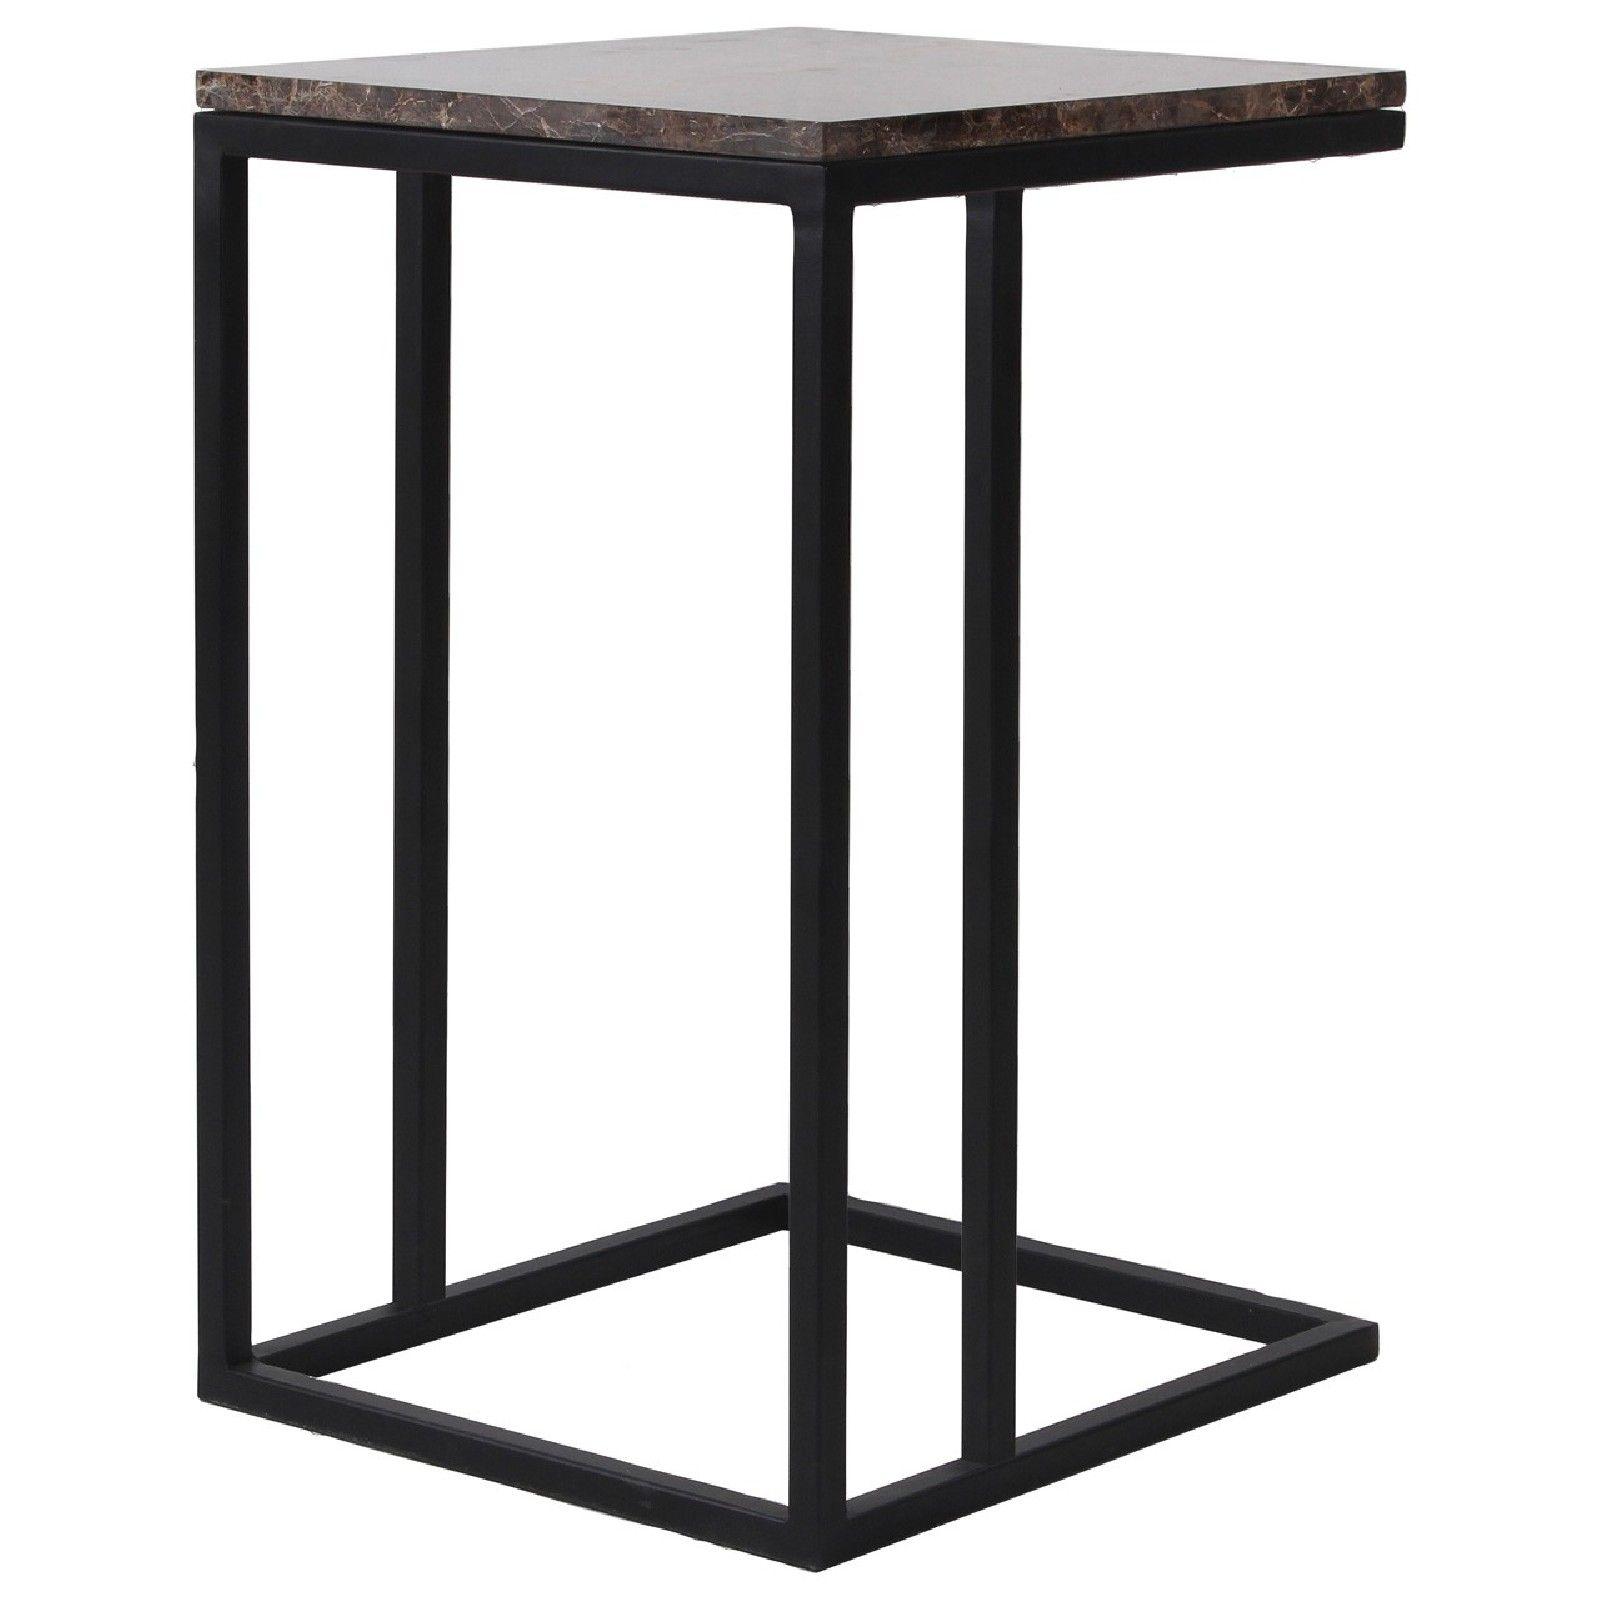 Table d'appoint Dalton brown emperador Meuble Déco Tendance - 27